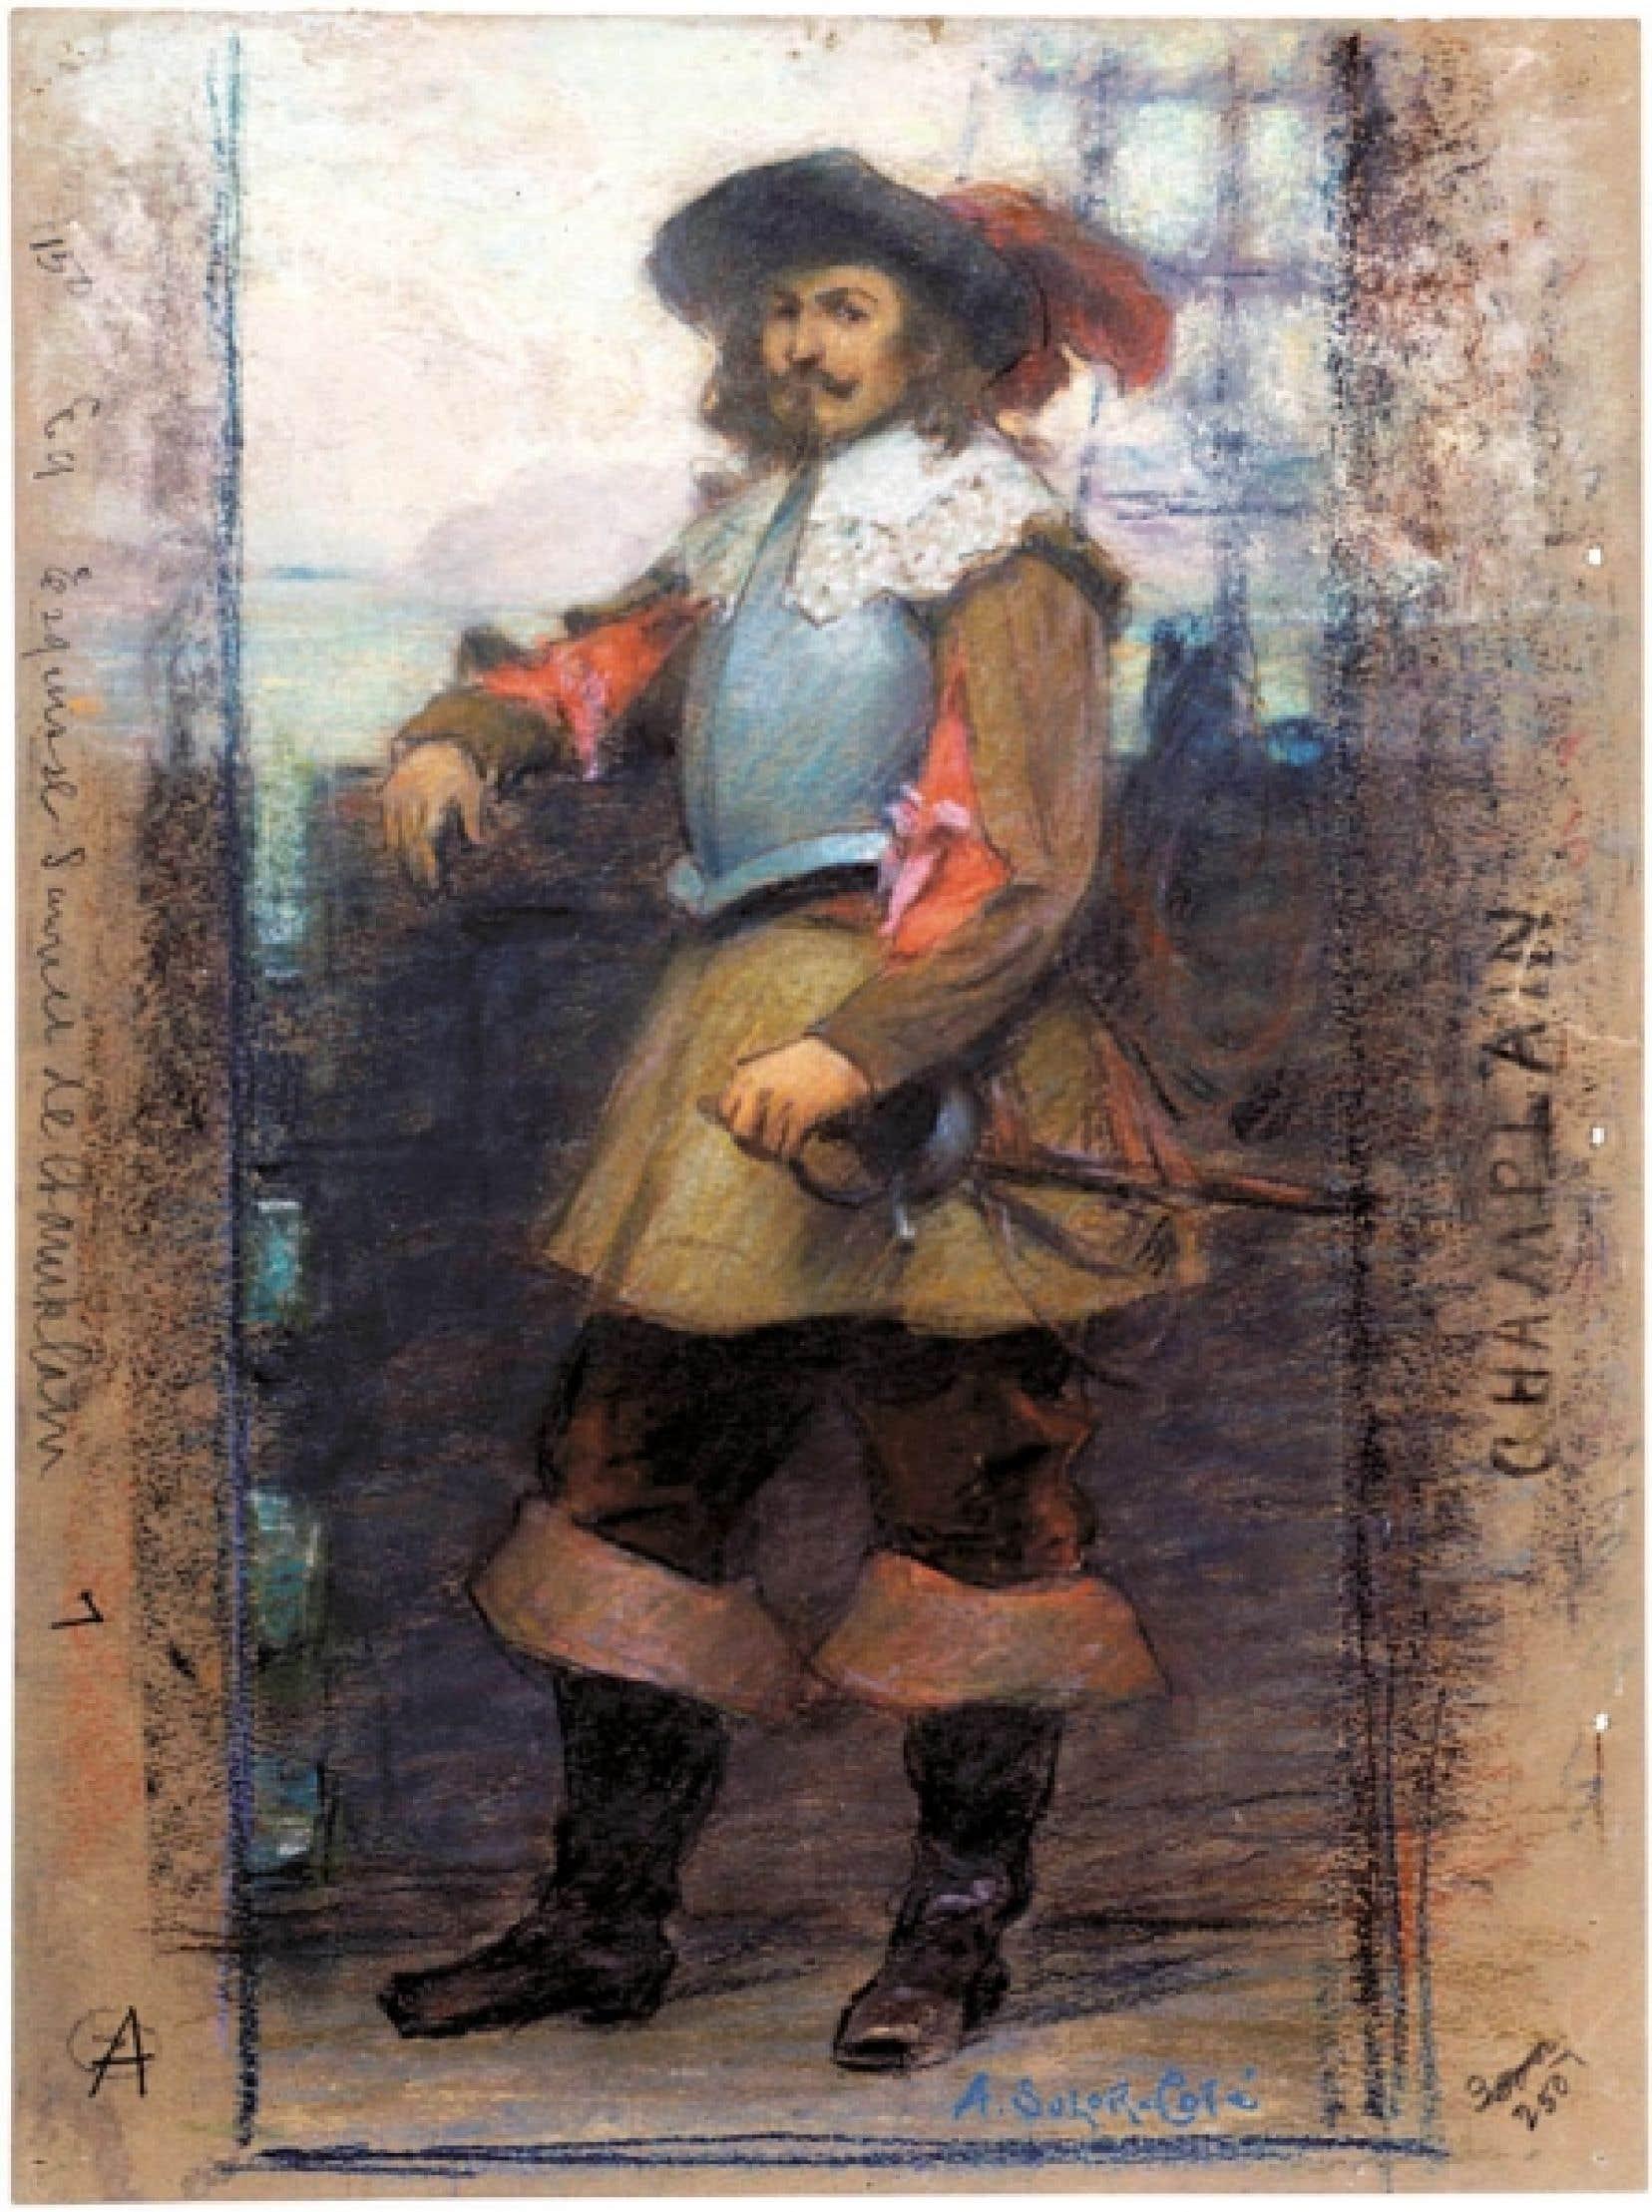 Marc-Aurèle de Foy Suzor-Coté Étude pour L'Arrivée de Samuel de Champlain à Québec, 1908 ou 1909 Pastel sur papier 37,8 x 28,5 cm Coll. Musée national des beaux-arts du Québec